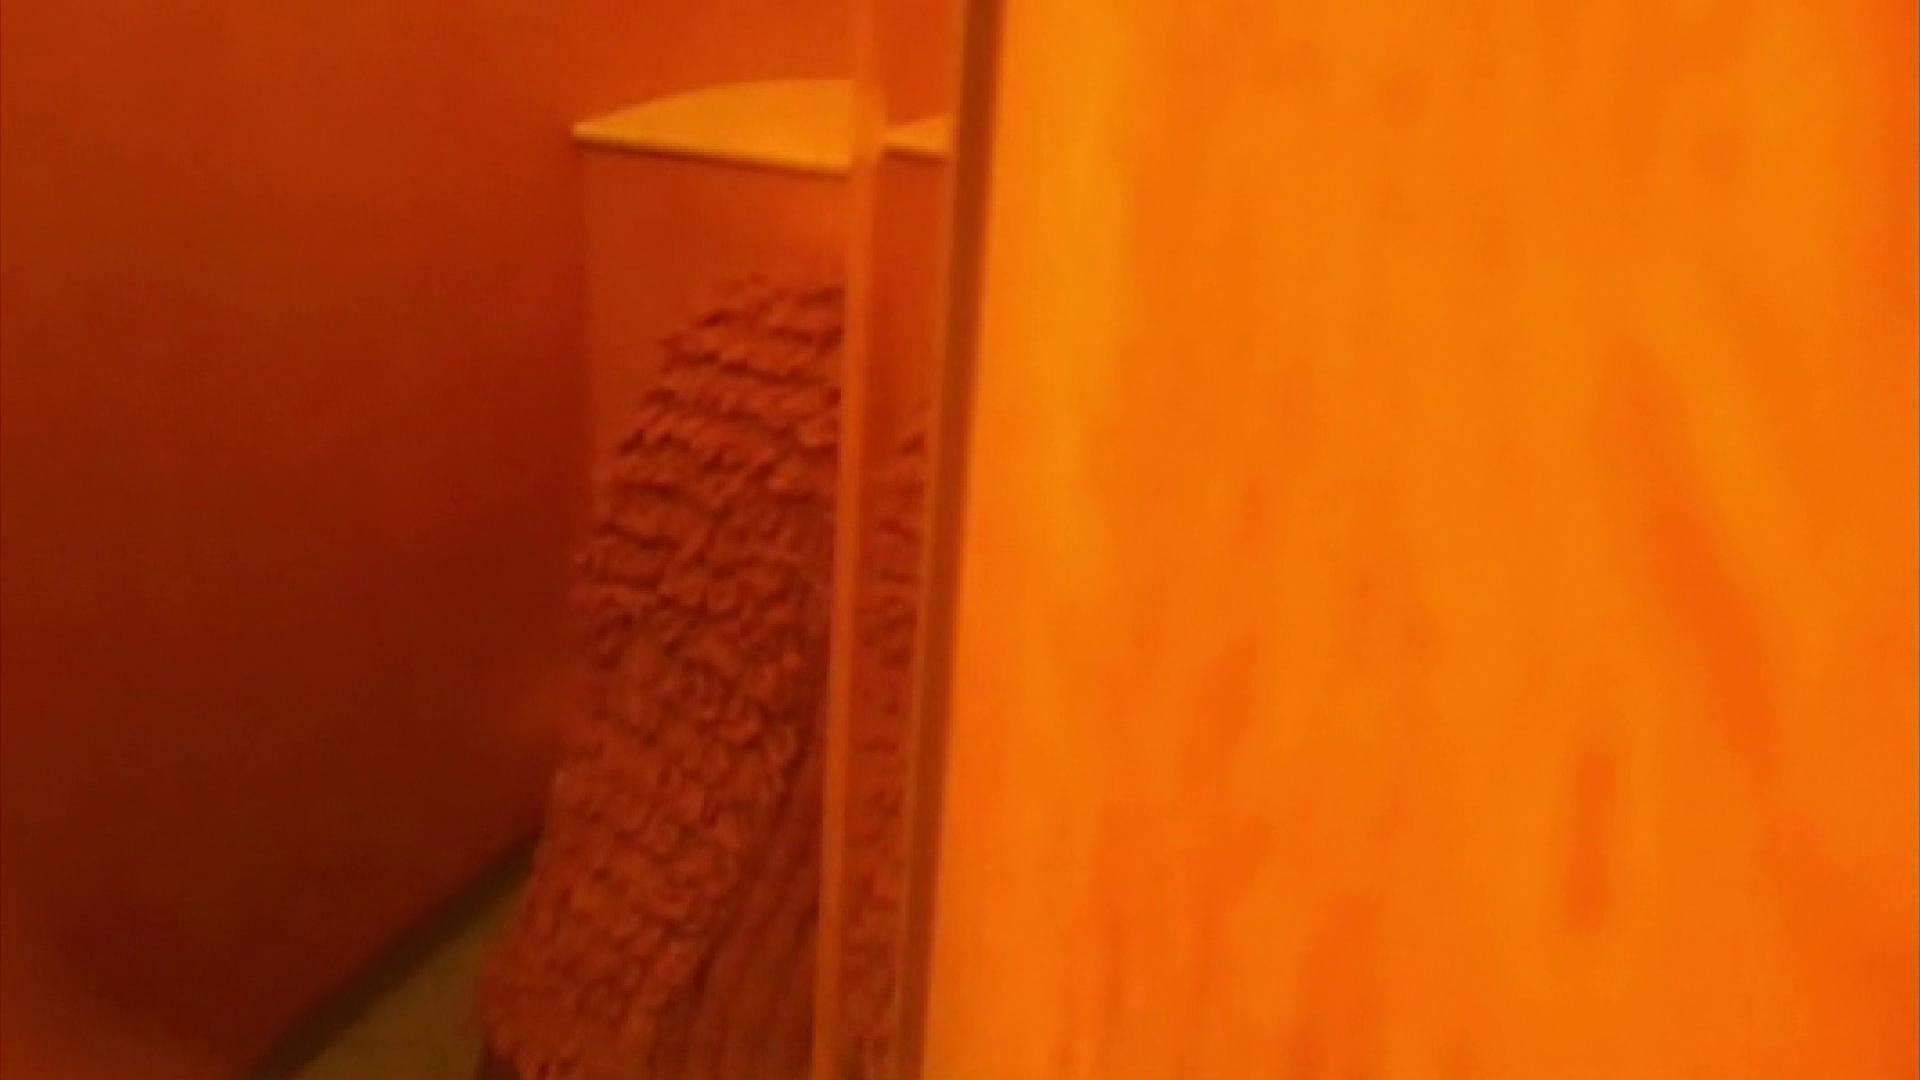 品川からお届け致します!GALS厠覗き! Vol.08 美しいOLの裸体   厠隠し撮り  89pic 76